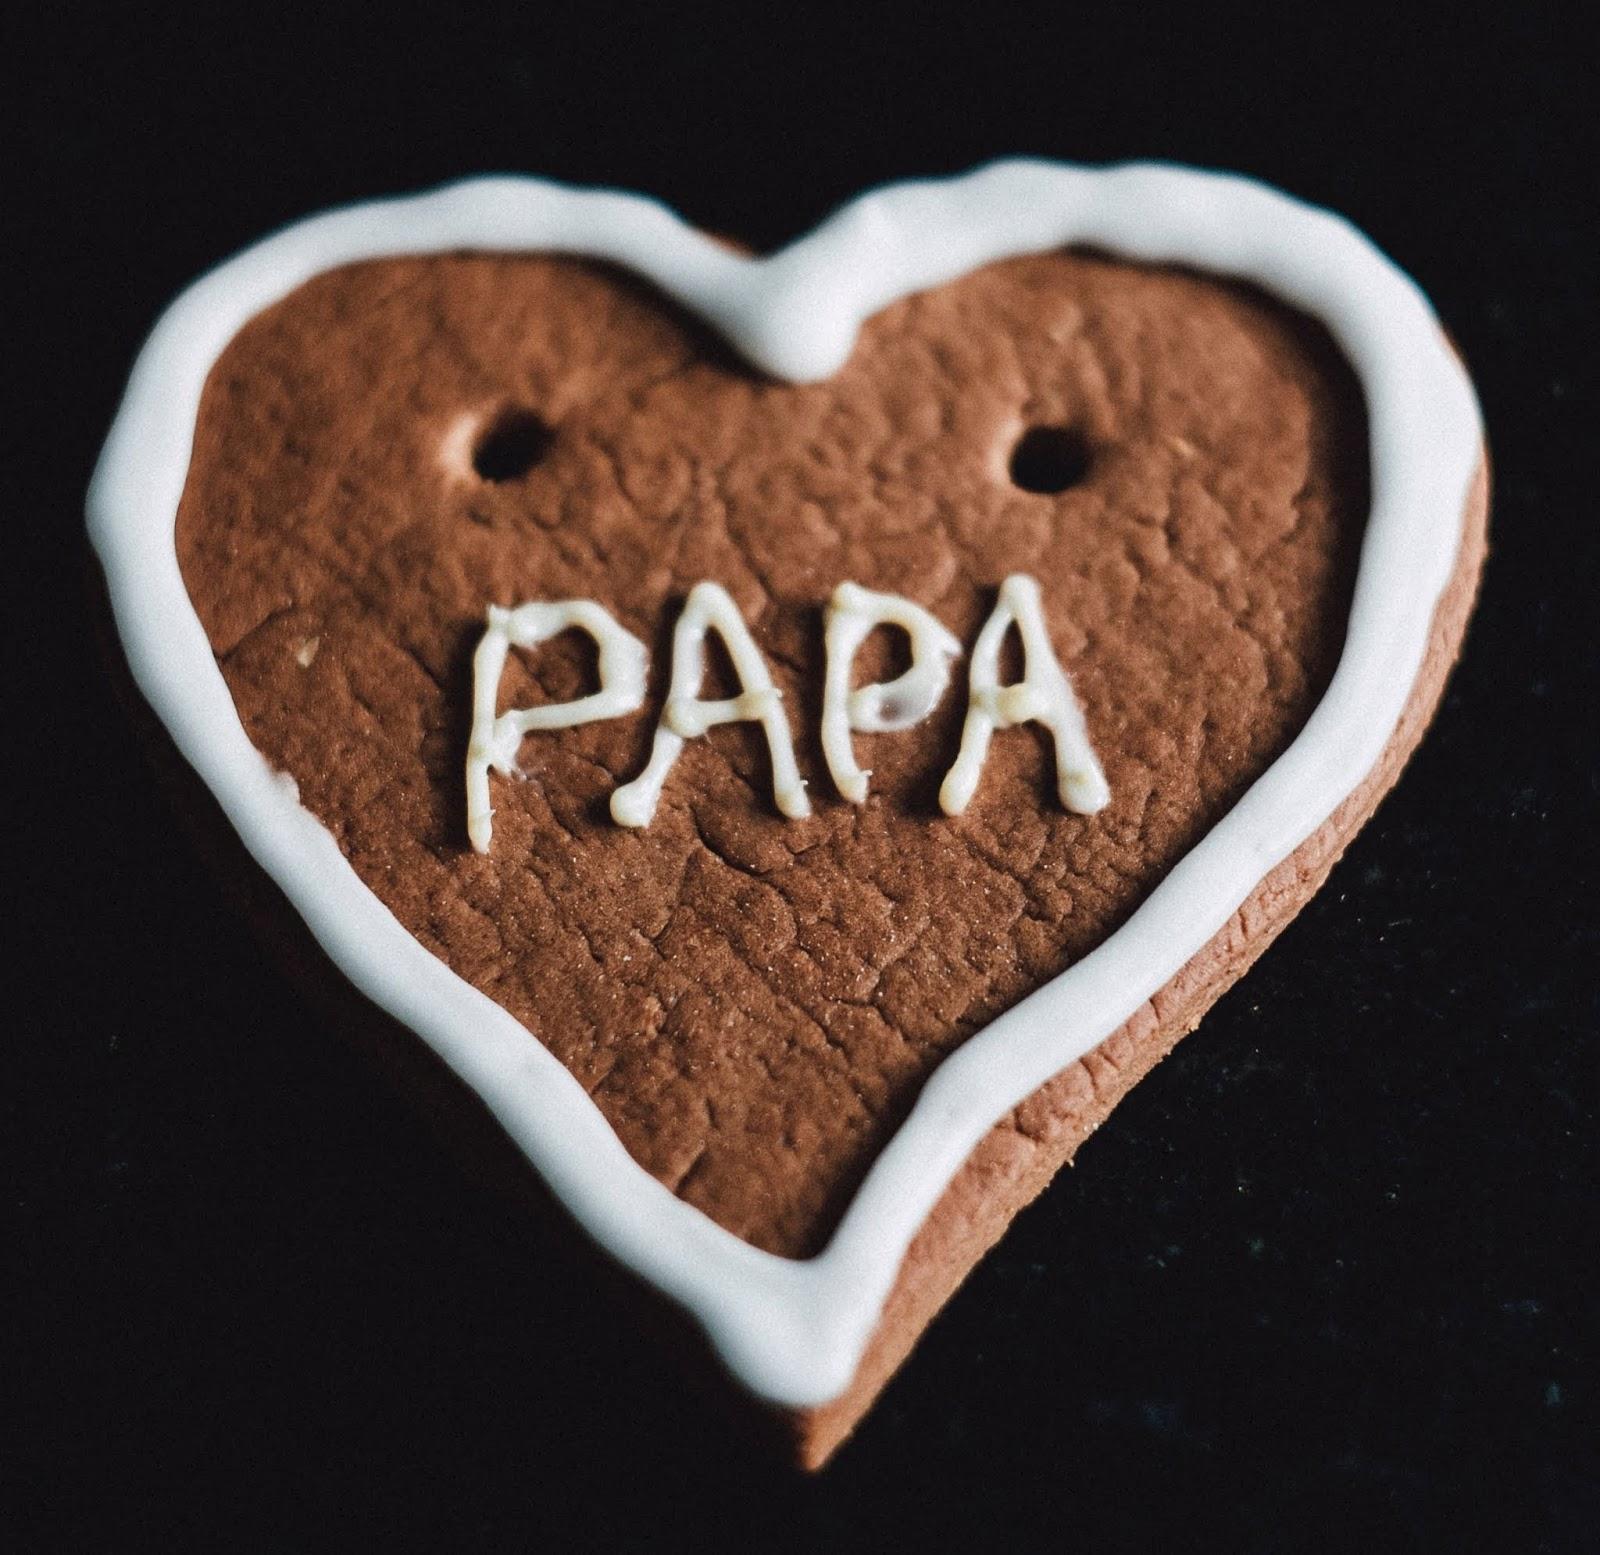 Biscuit Heart & Love DP 2019